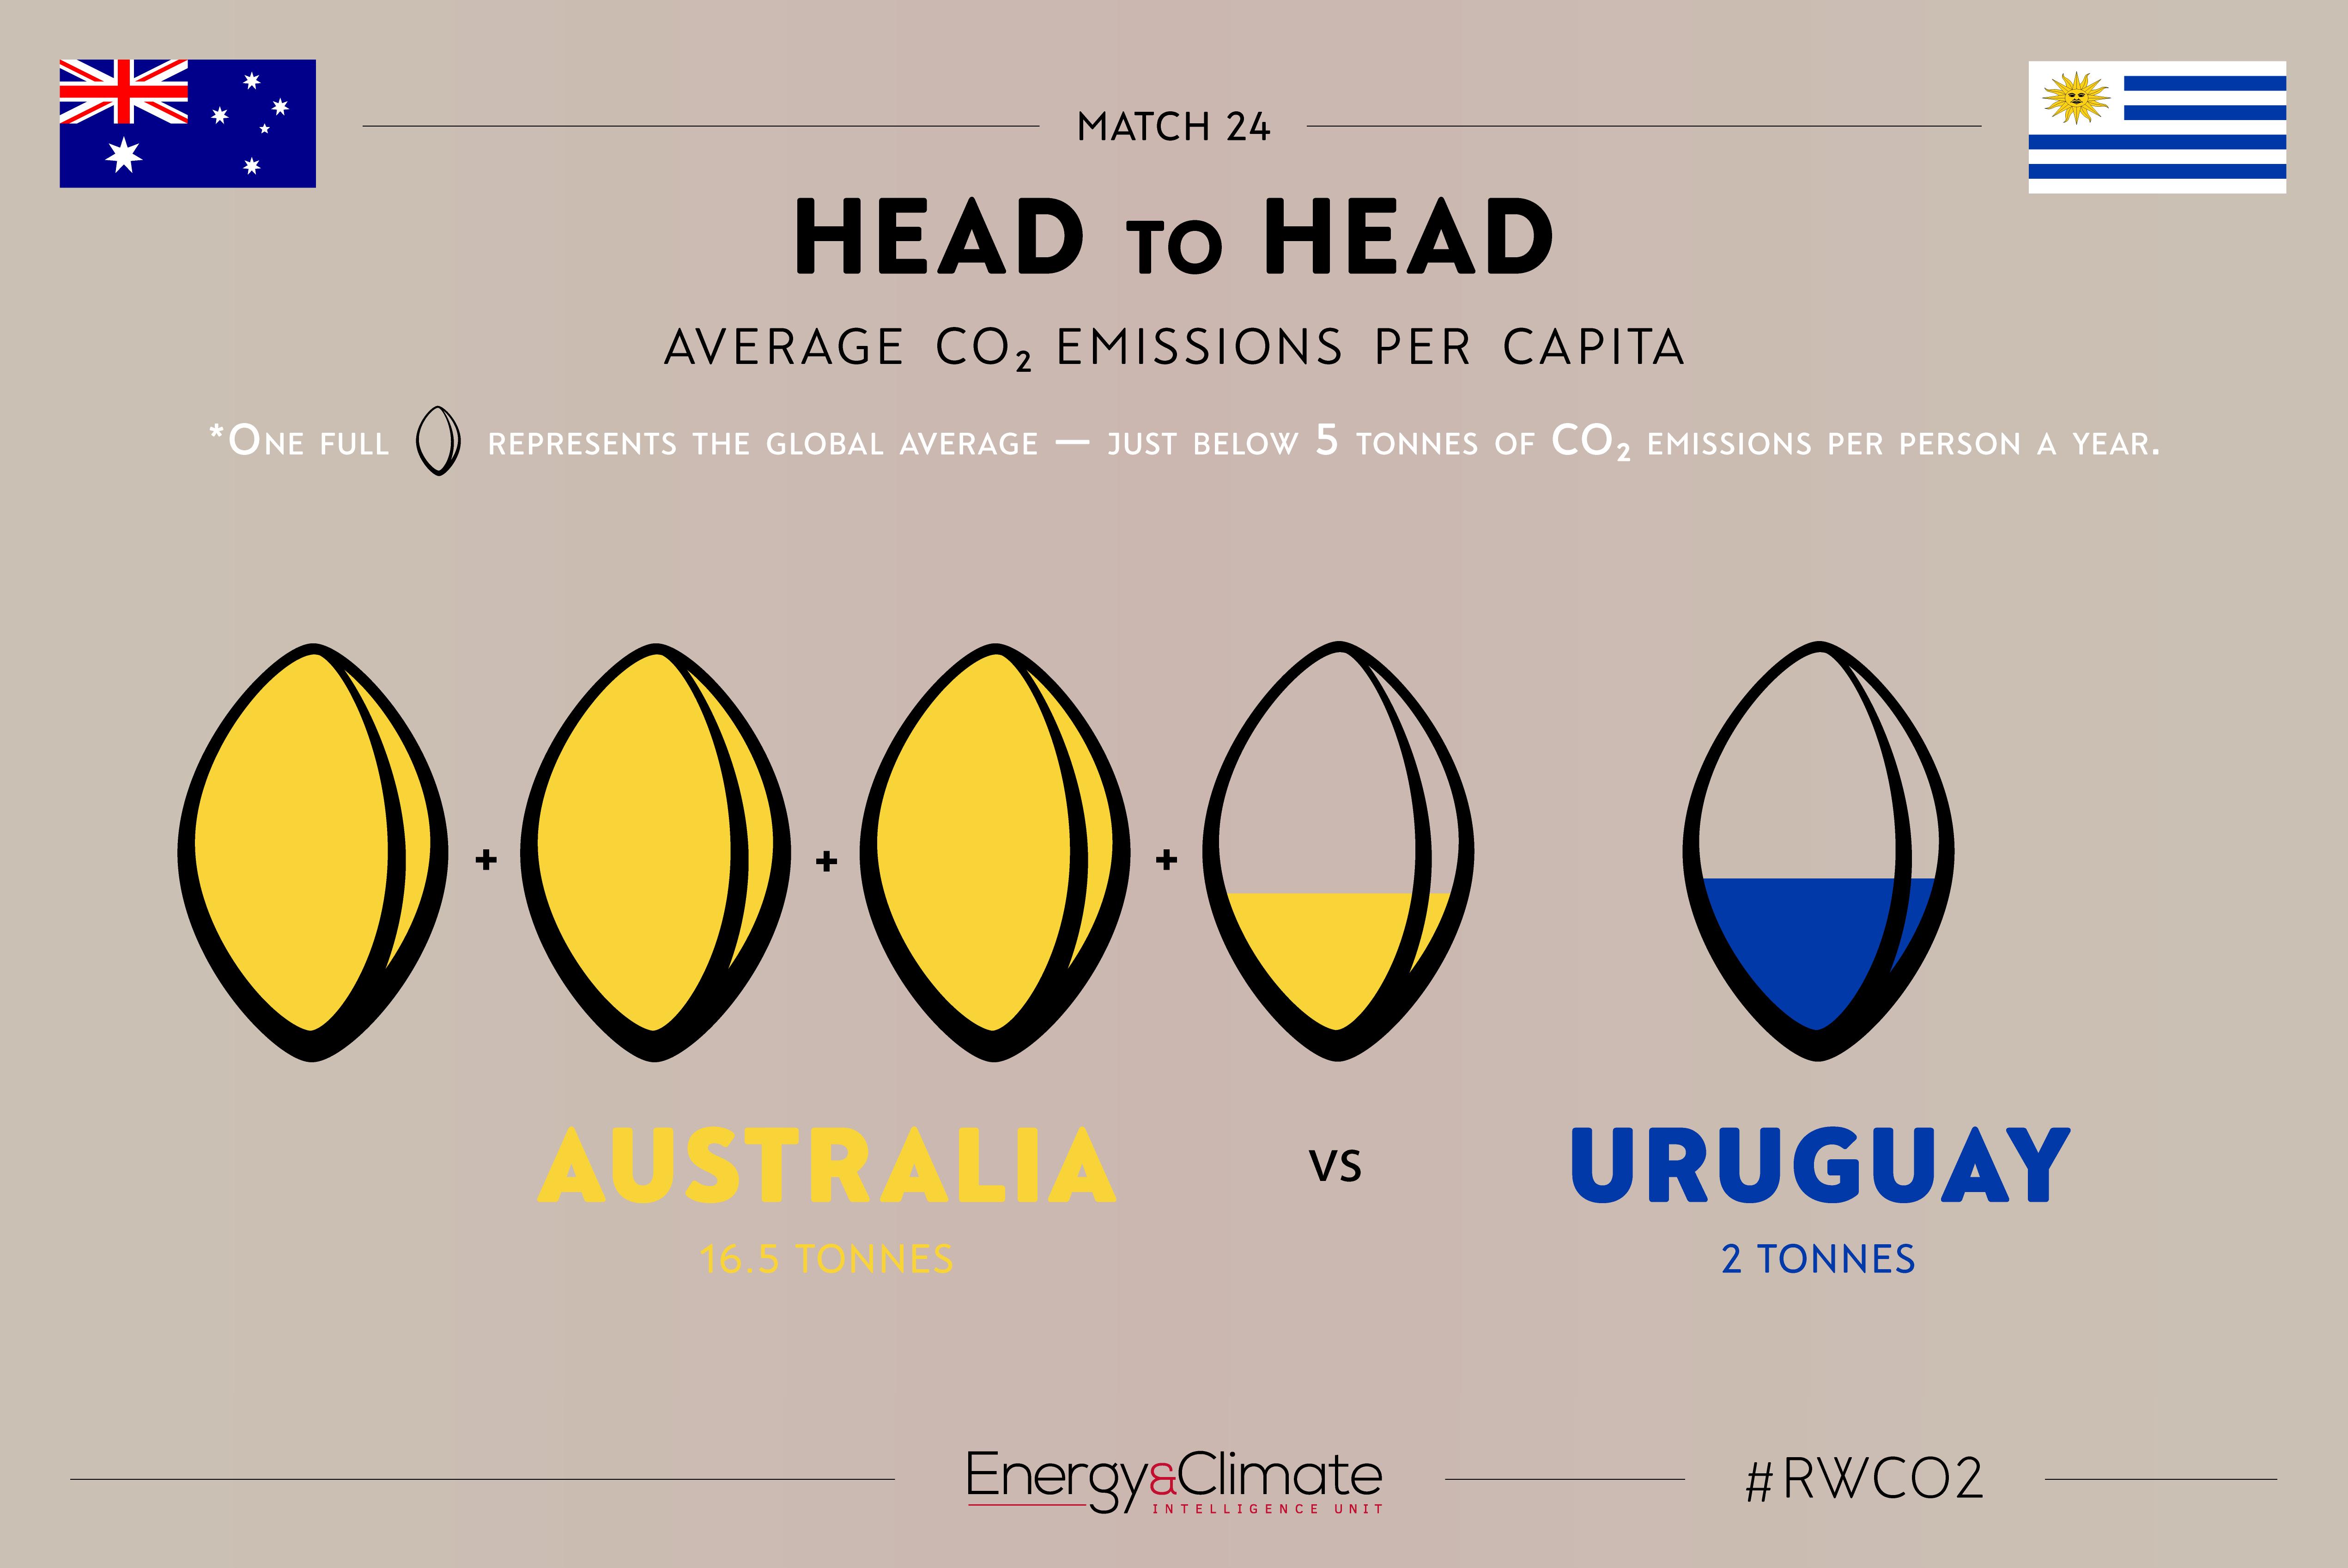 Australia v Uruguay per capita emissions